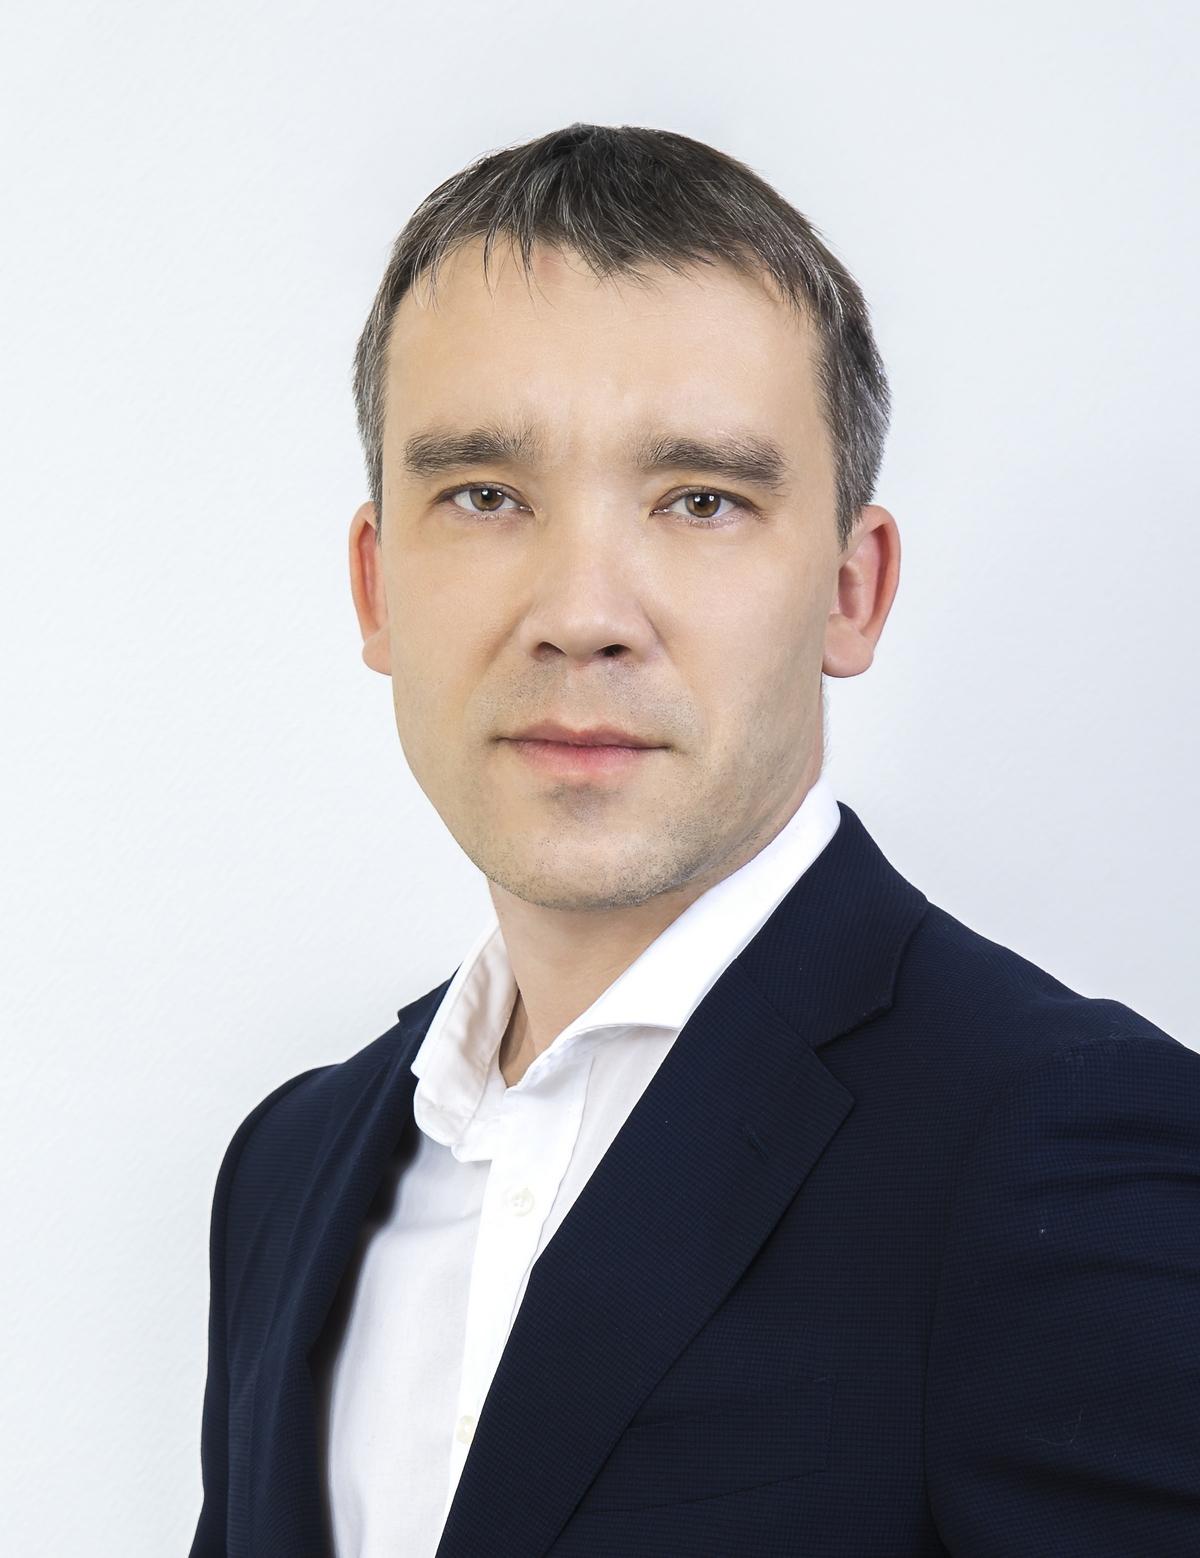 Чингин Сергей Сергеевич